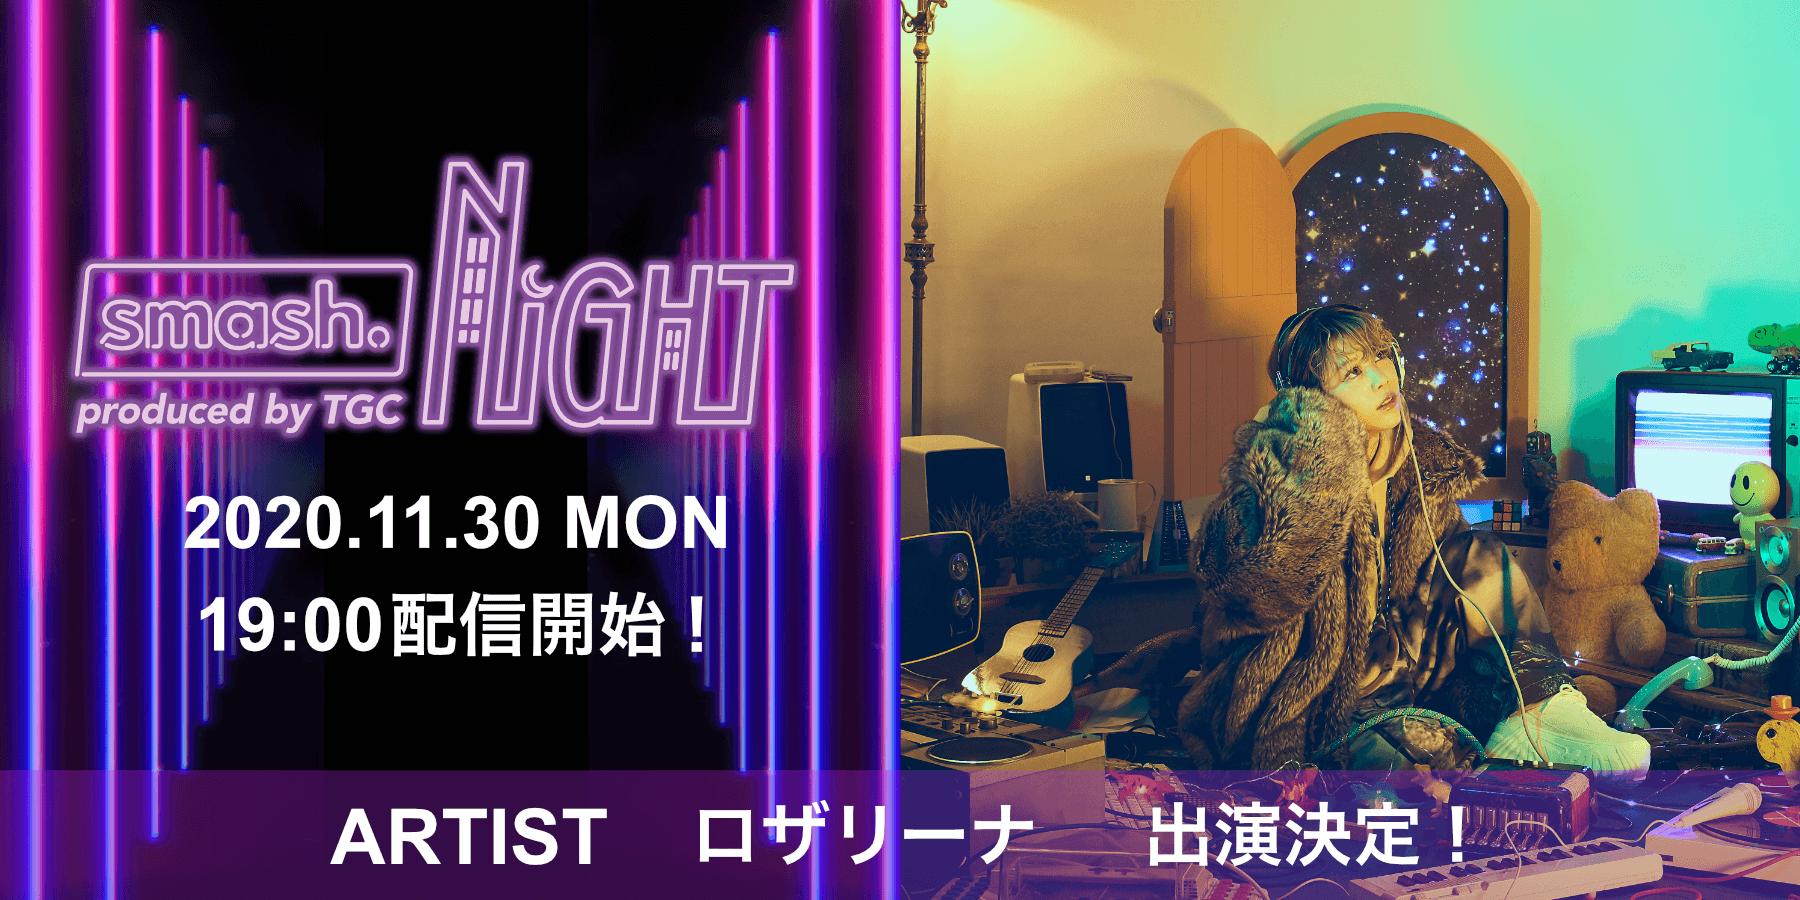 ロザリーナさん『smash. NIGHT produced by TGC』に出演決定!!